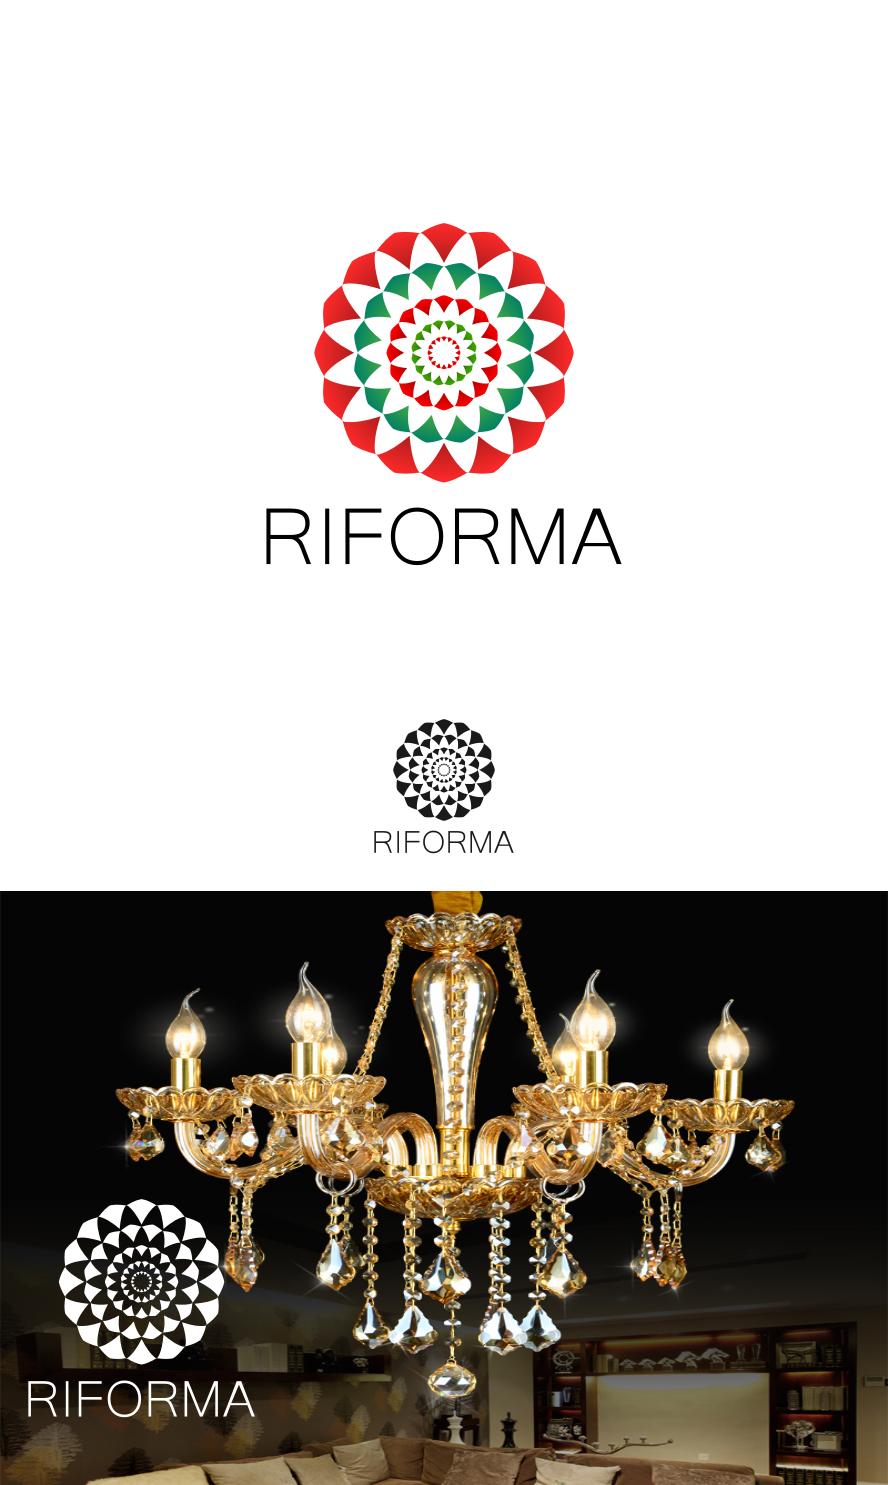 Разработка логотипа и элементов фирменного стиля фото f_64157923abf97545.png